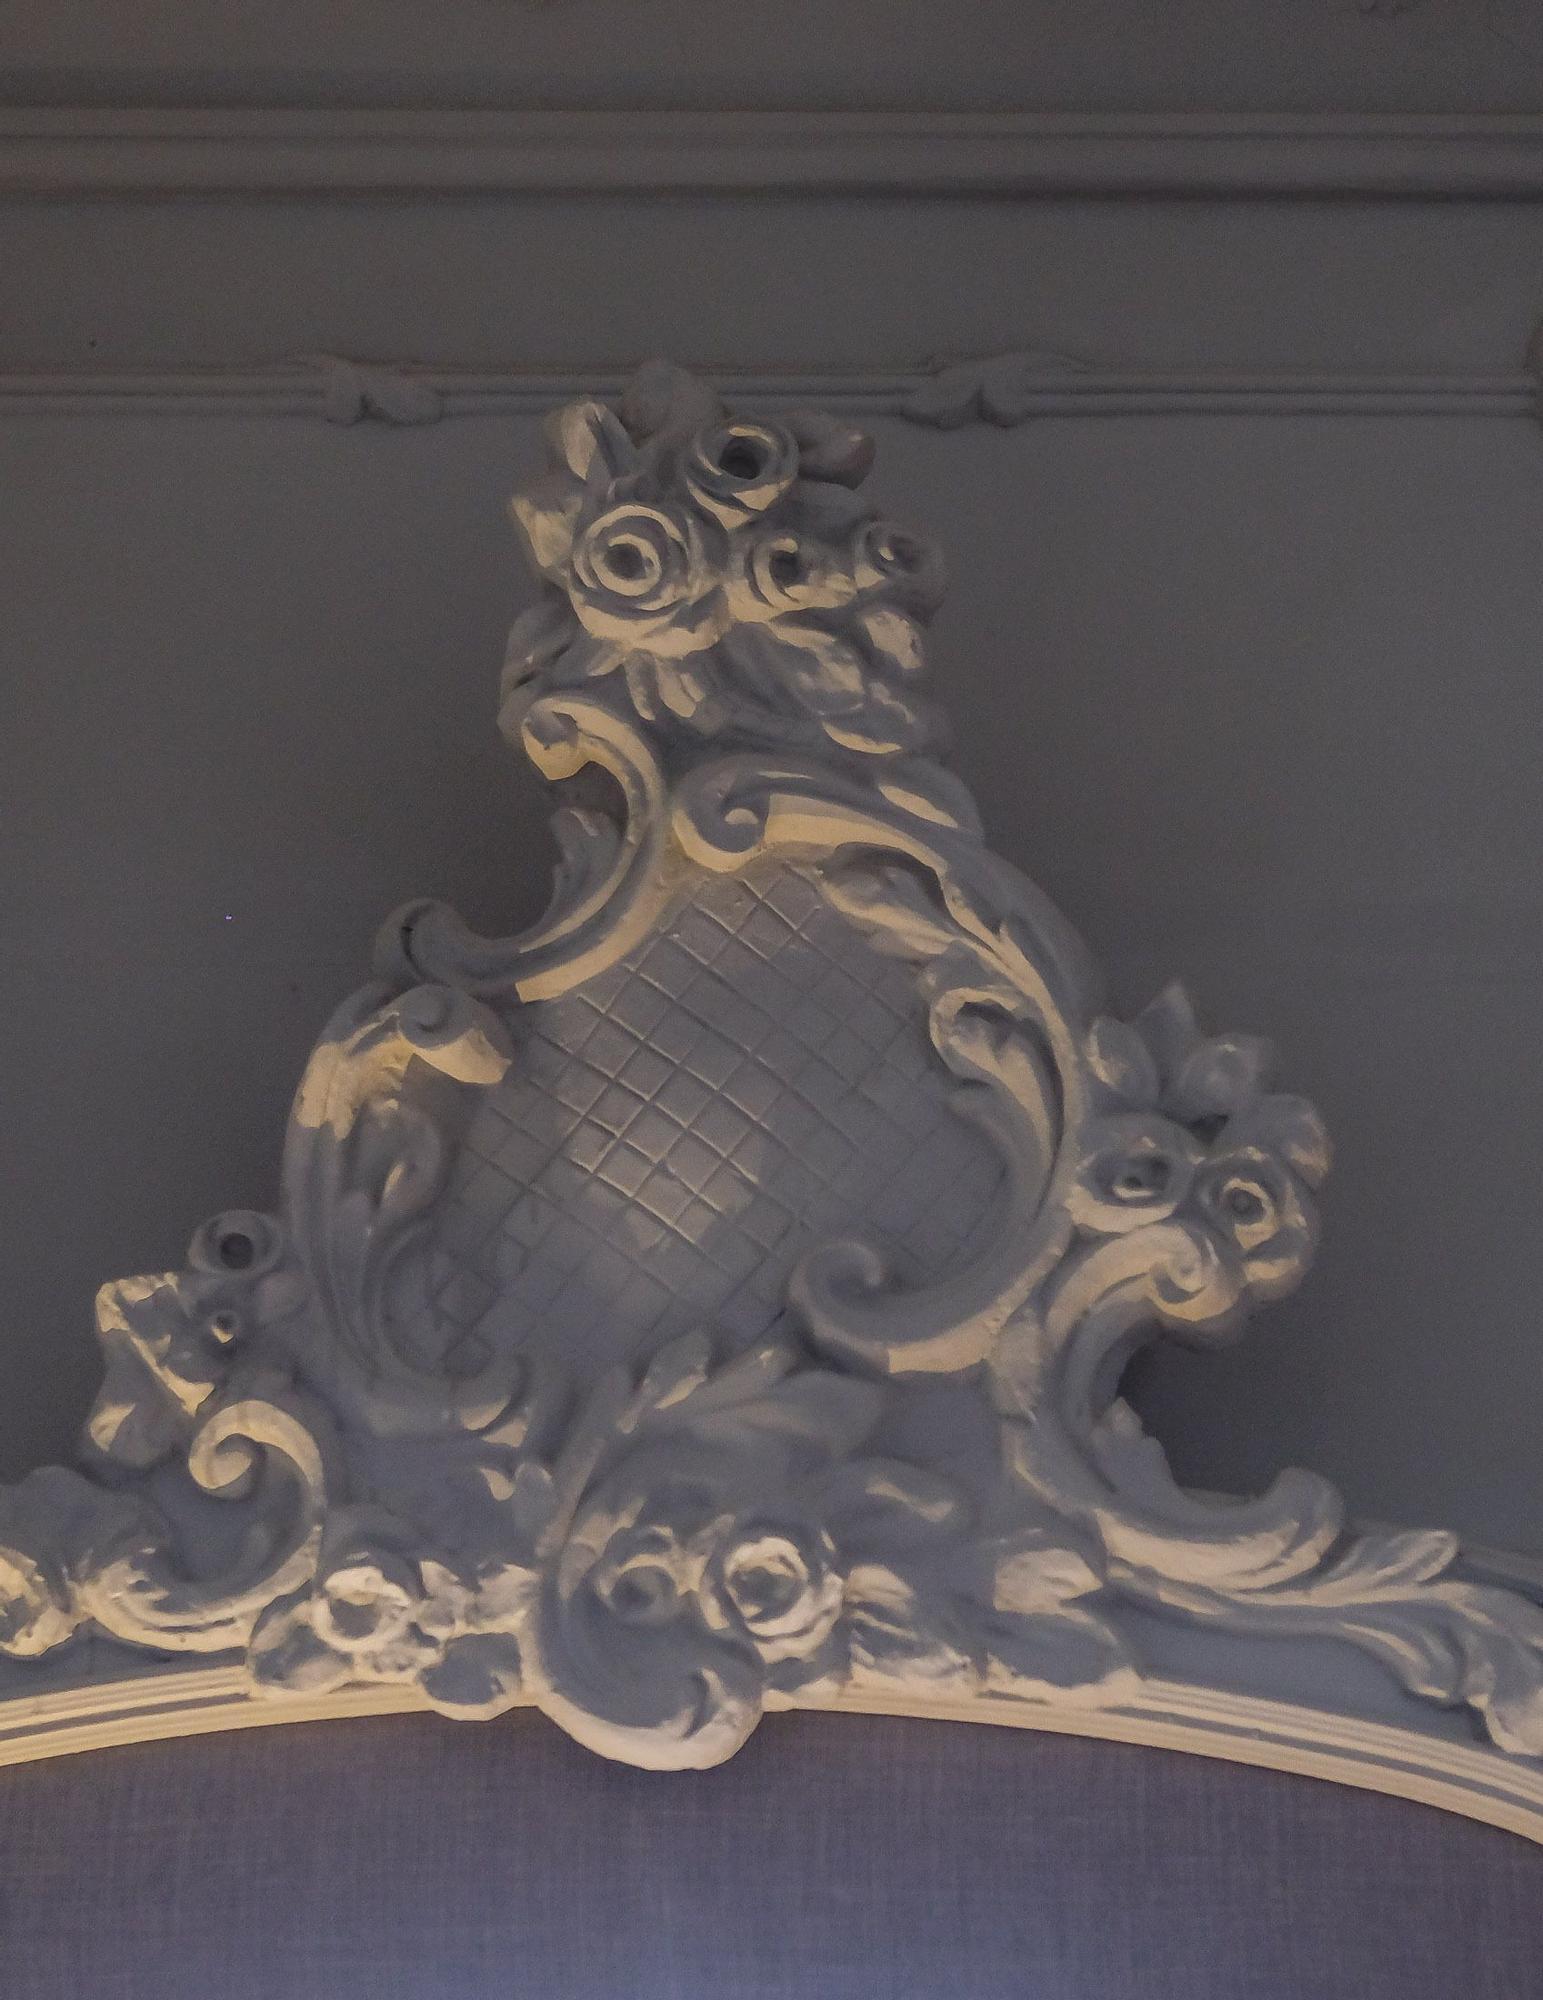 Detalles en el hotel Cordial Malteses